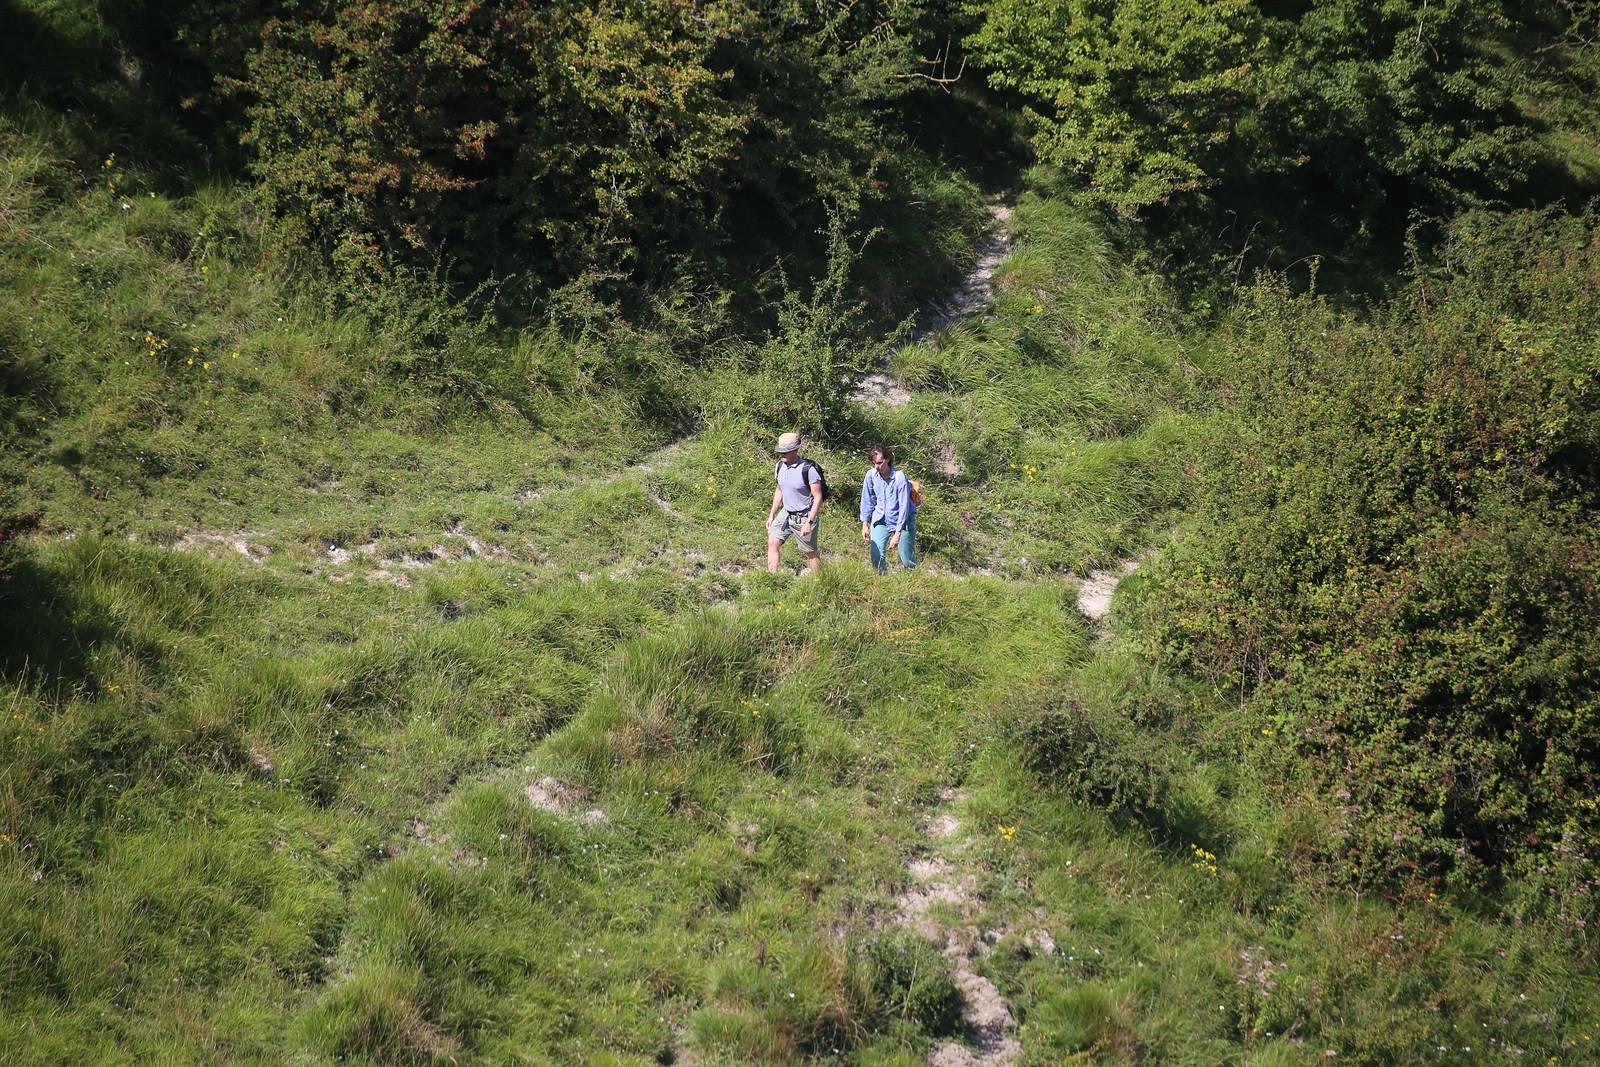 Climbing up - near Firle